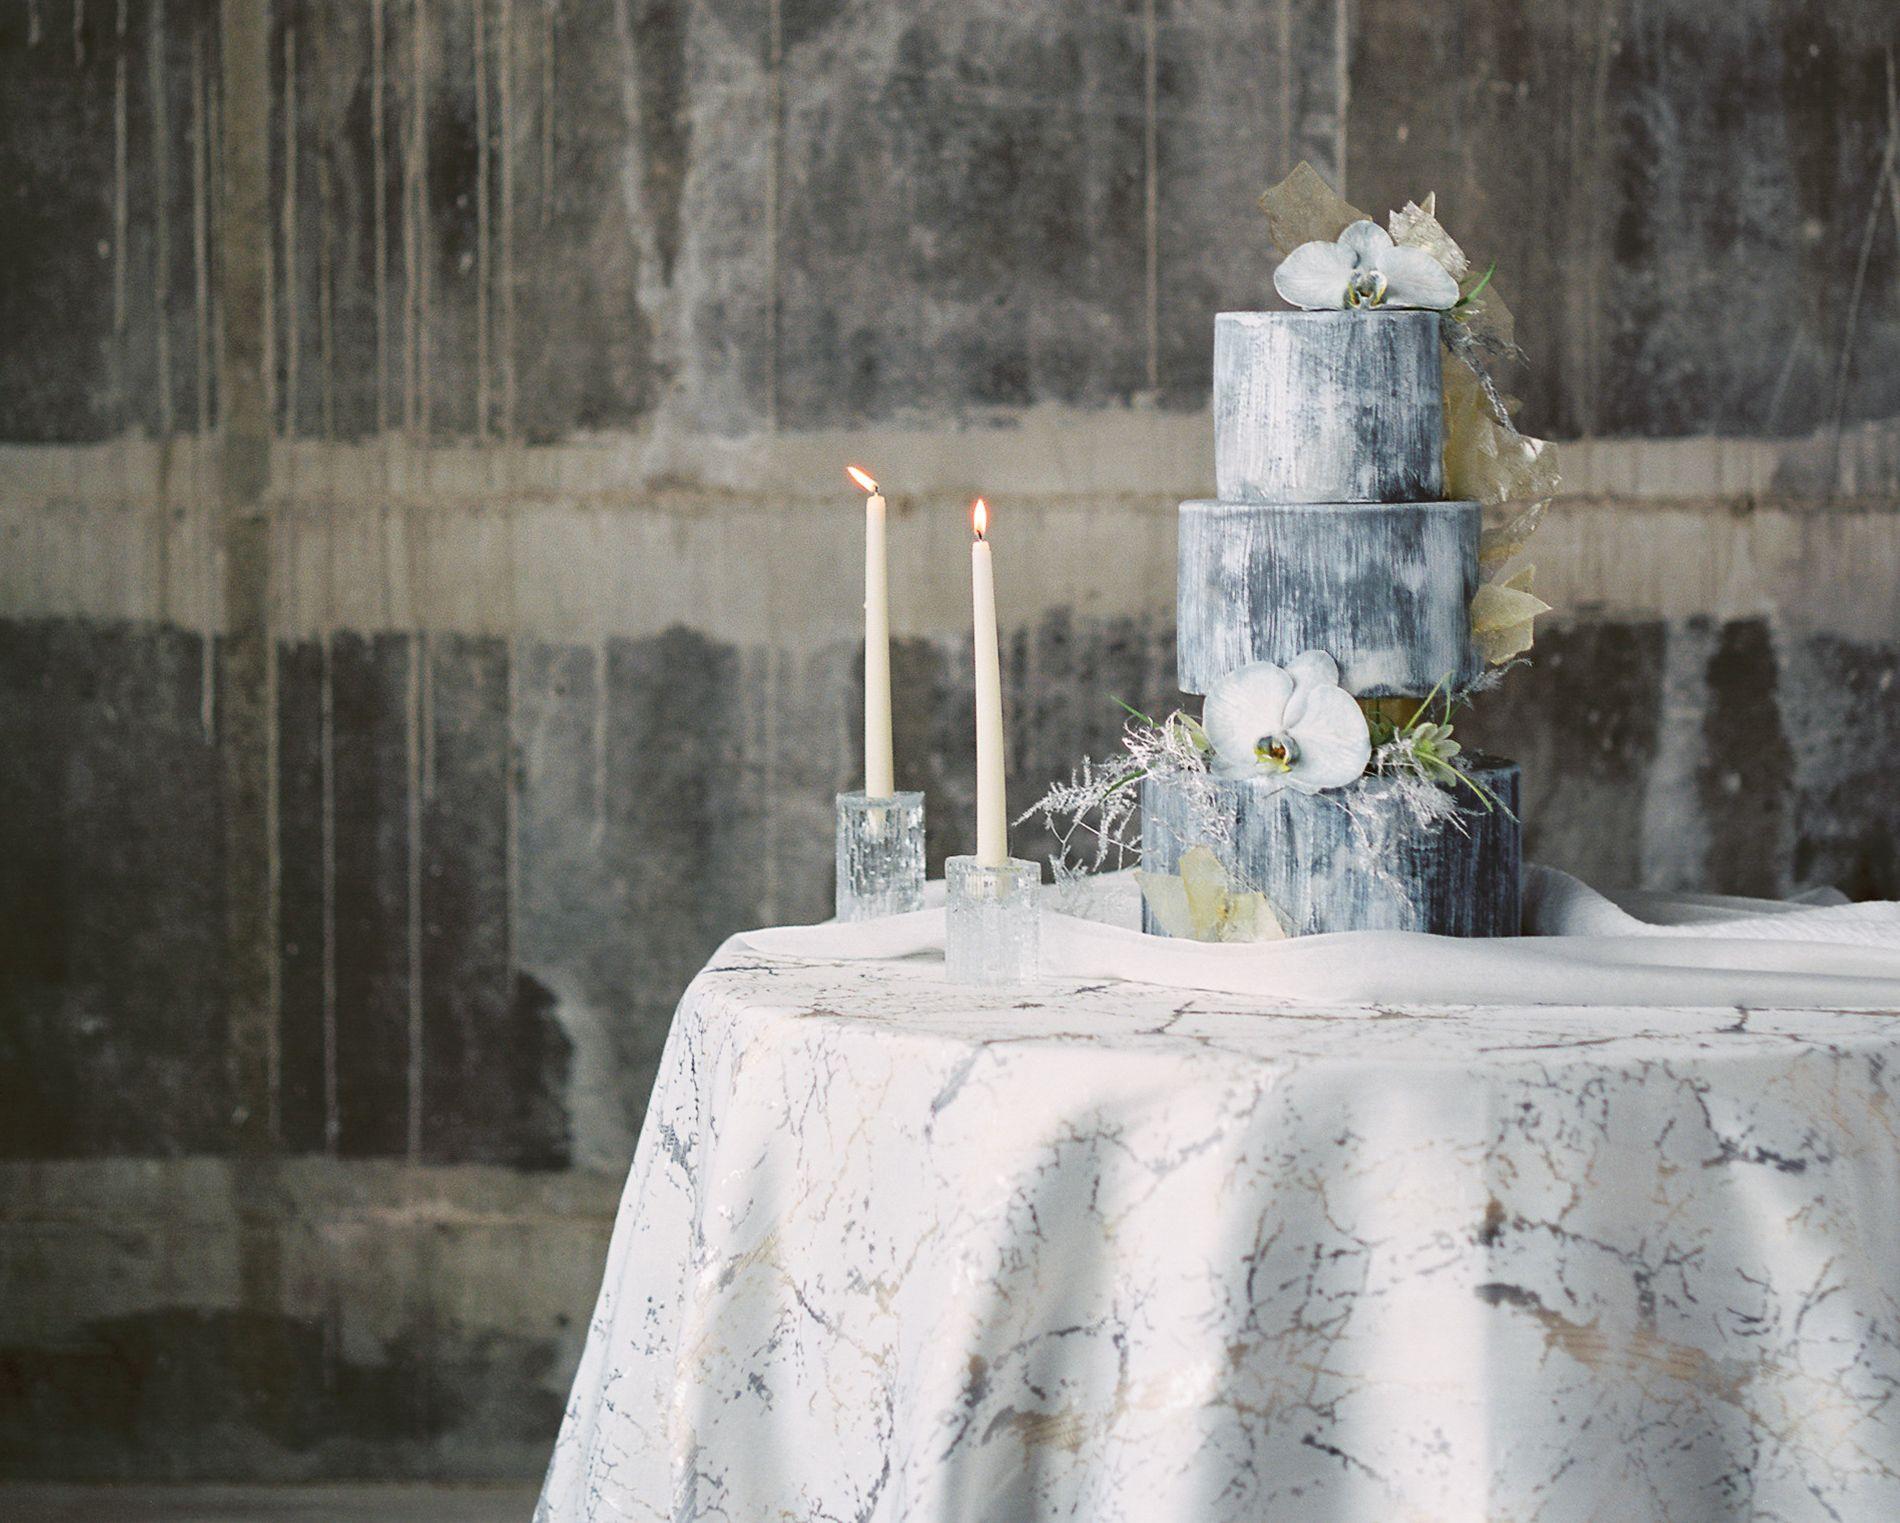 olio-peabody-boston-lesbian-wedding-style-daylynn-designs8 2.jpg